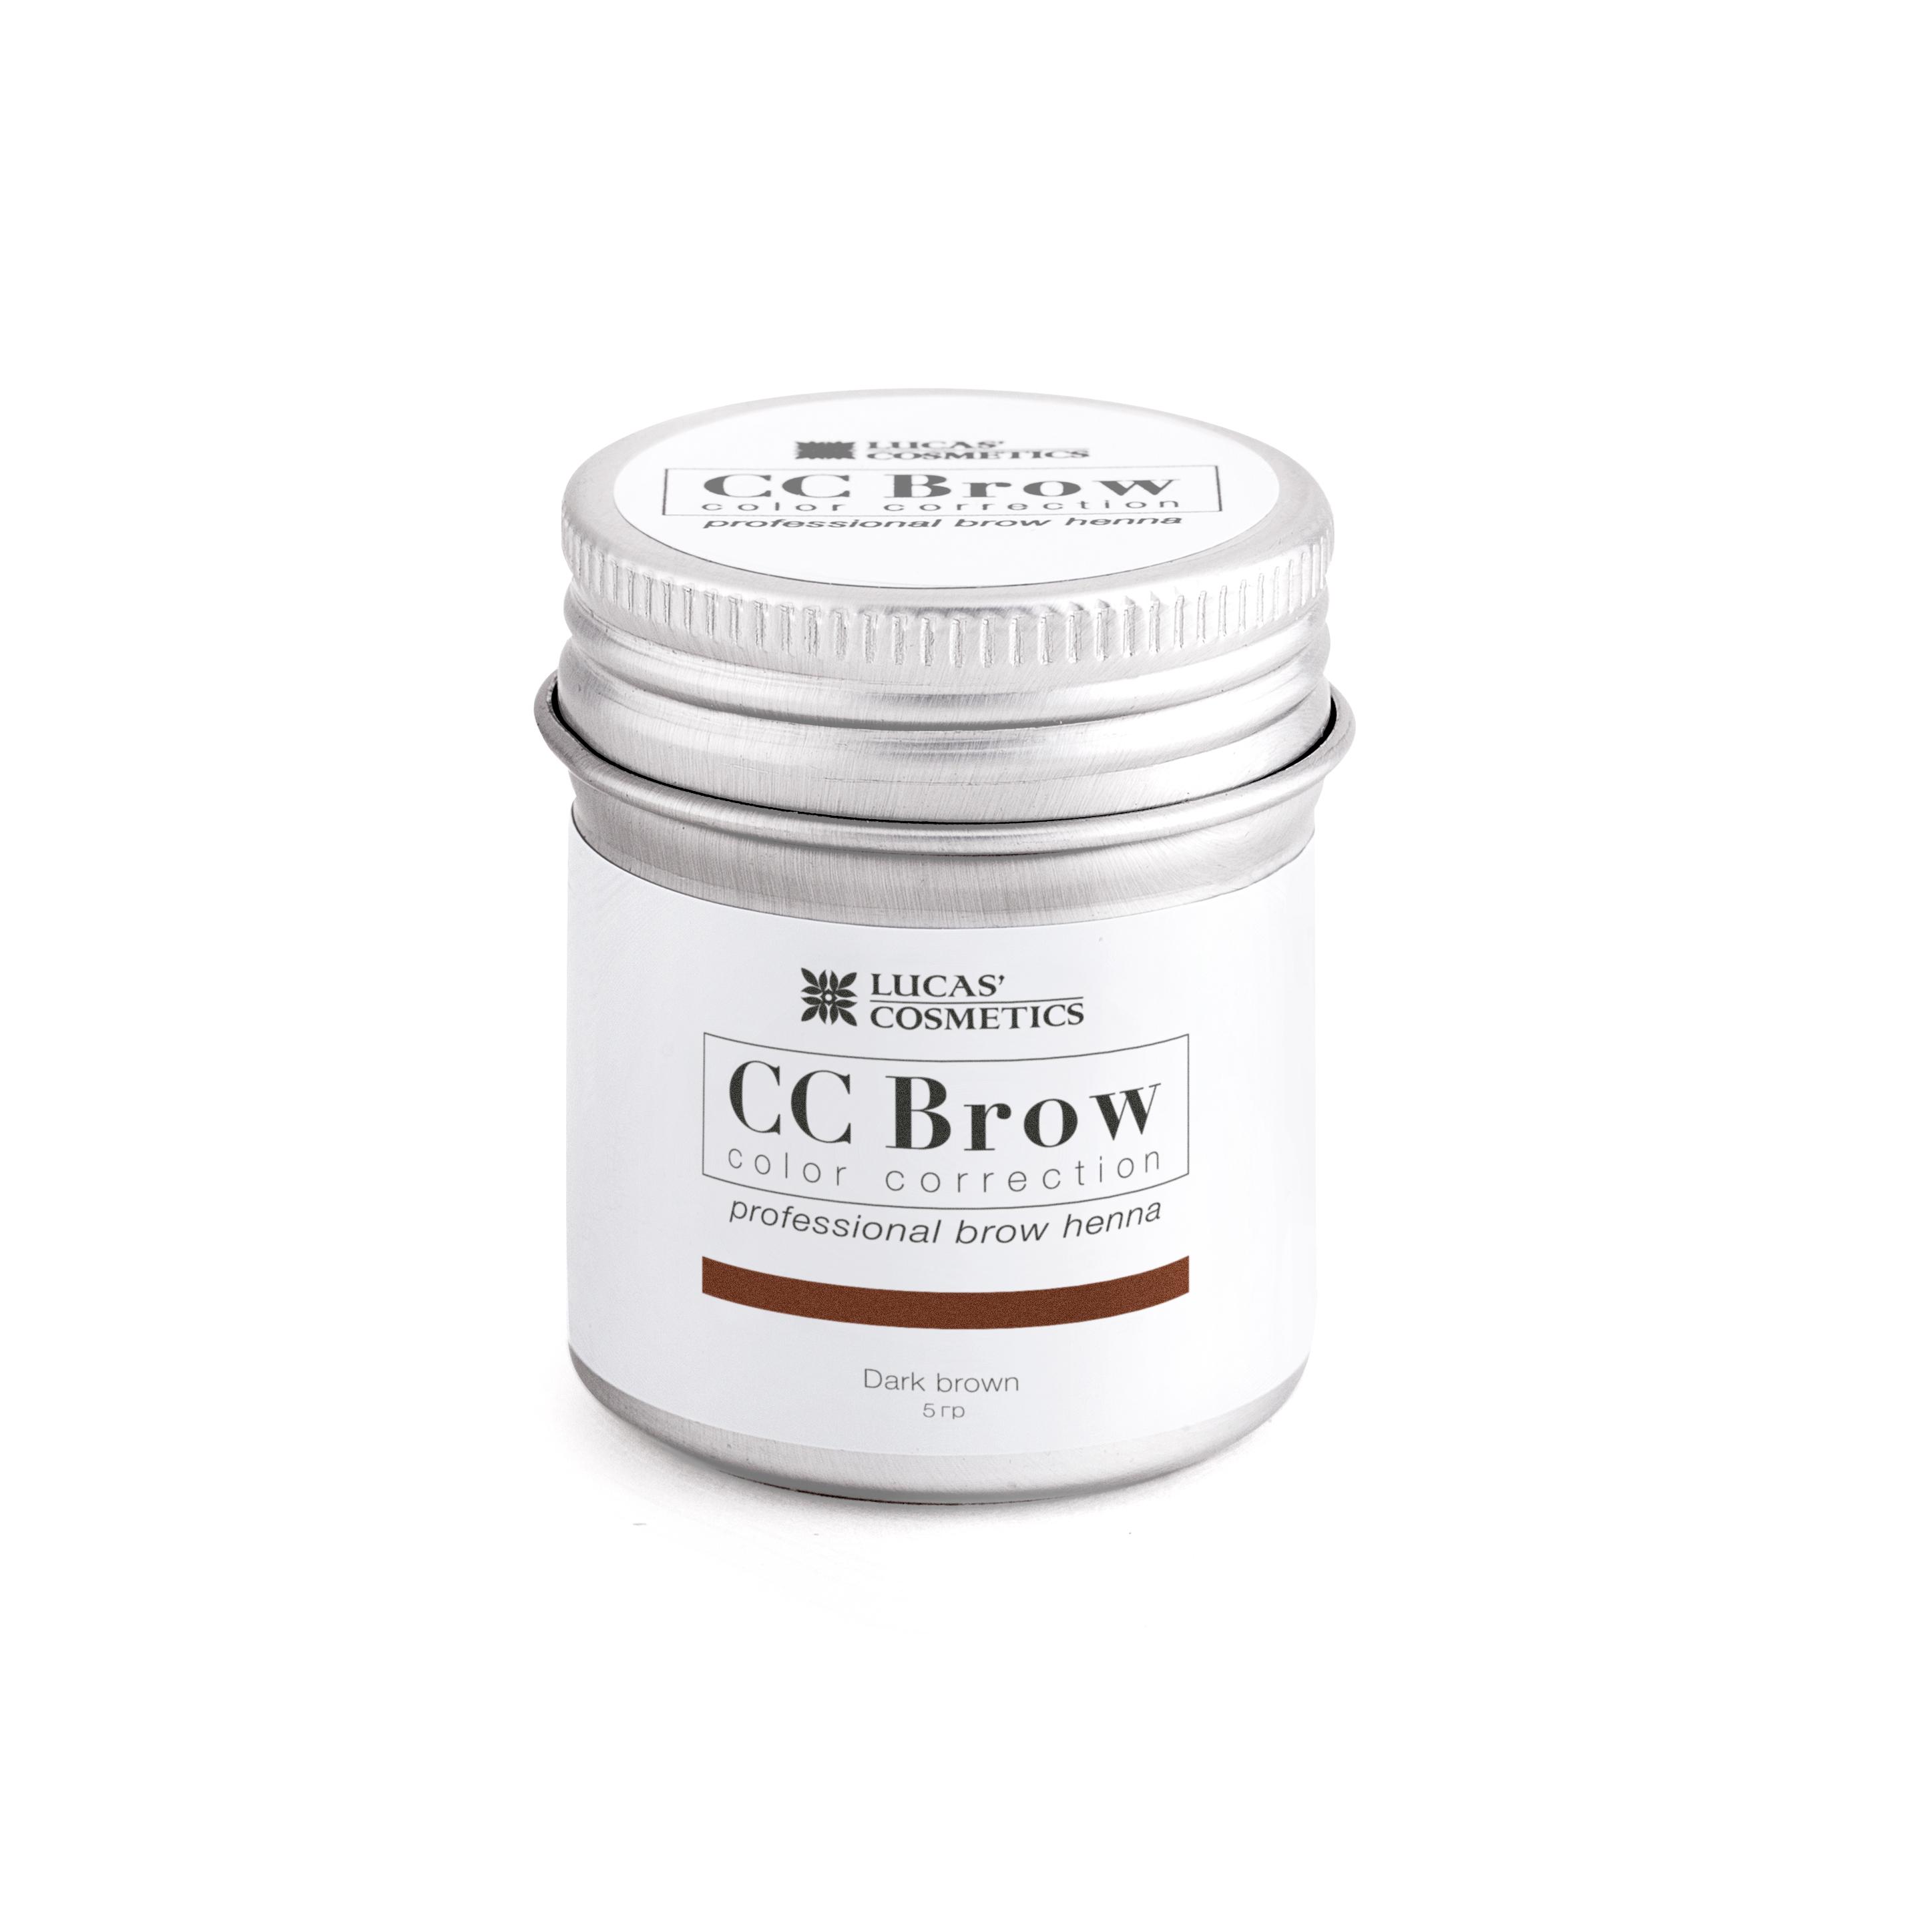 LUCAS' COSMETICS Хна для бровей, темно-коричневый (в баночке) / CC Brow dark brown 5 г - Хна для бровей